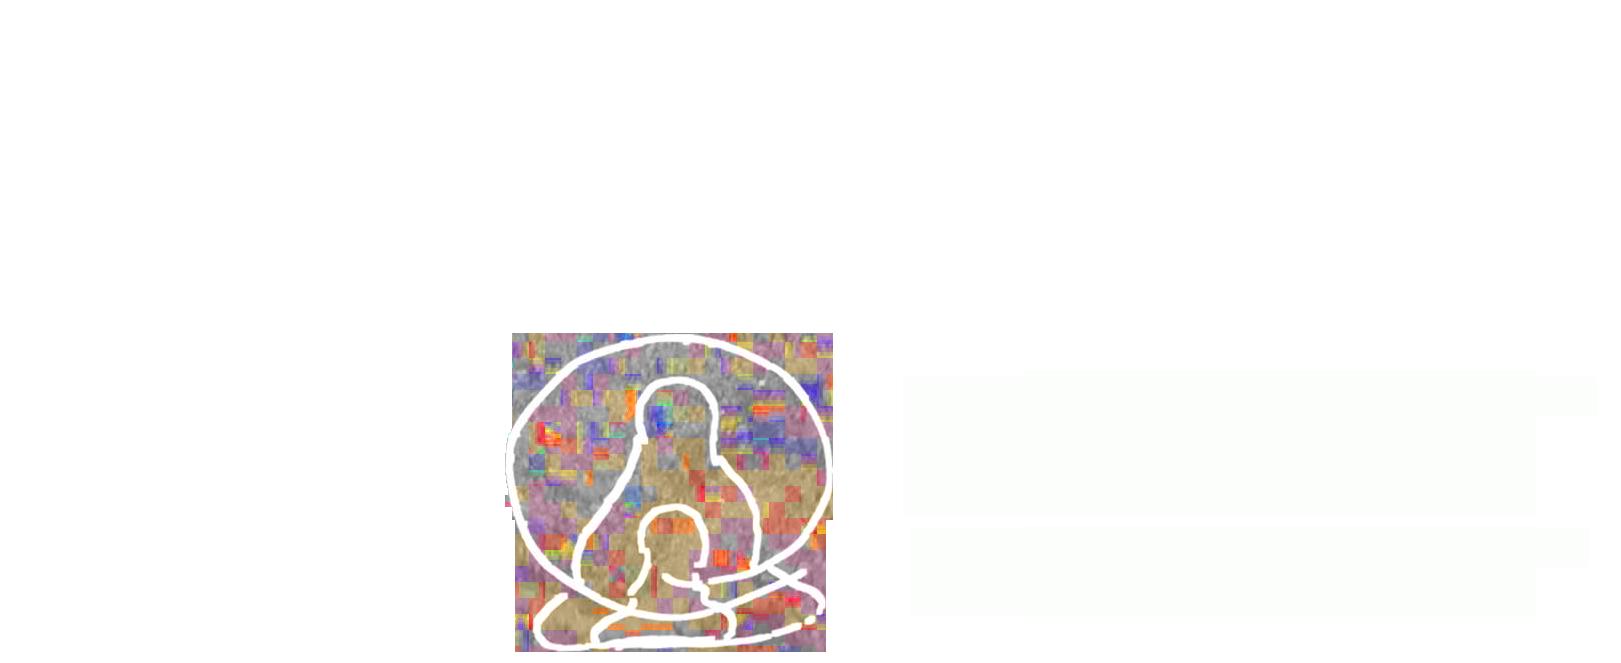 Mutterliebe.net